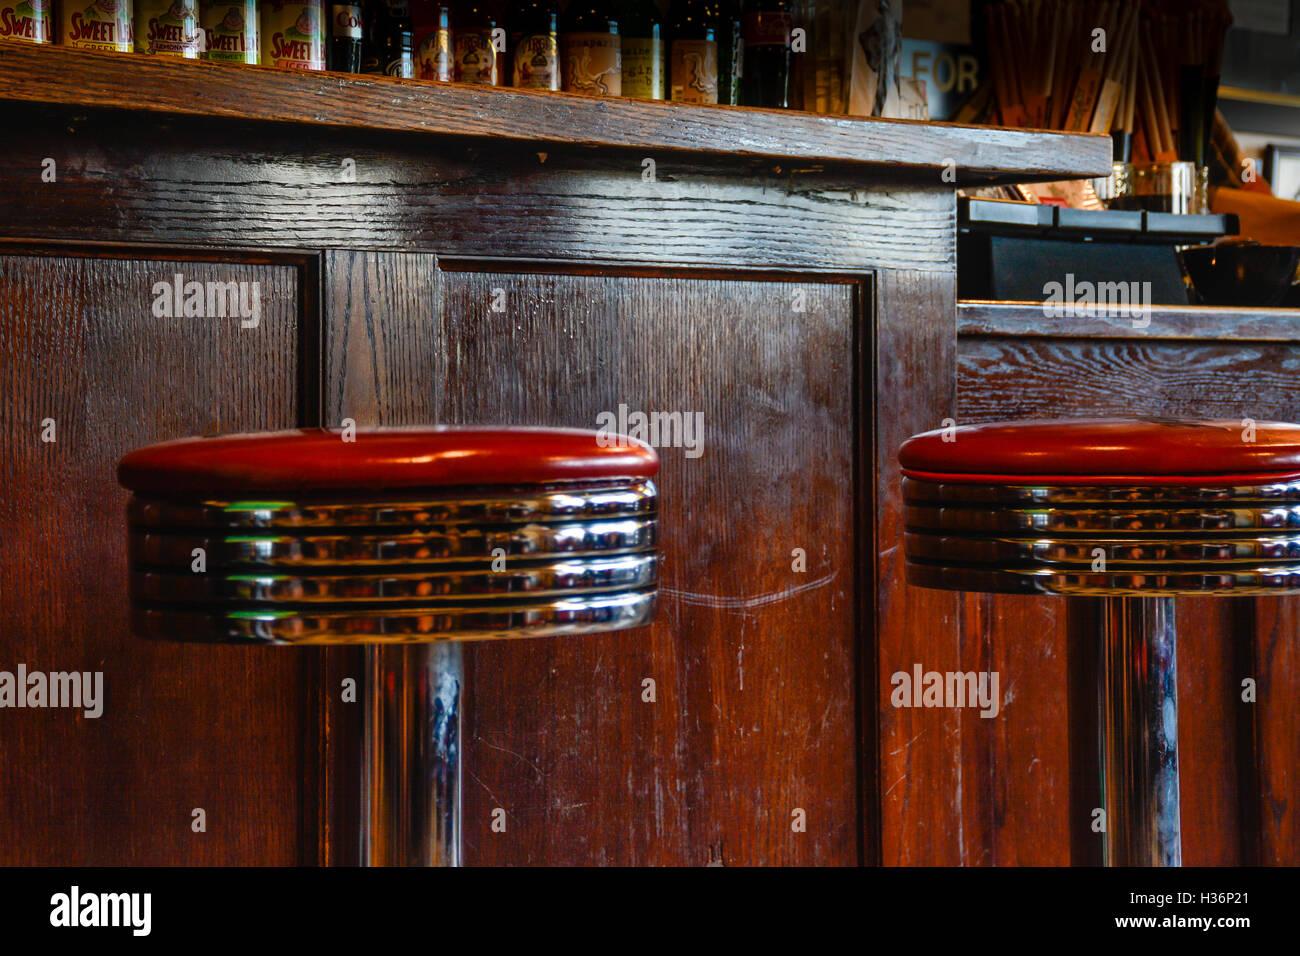 Interior retrò sgabelli bar di chrome e cuoio rosso contro vintage